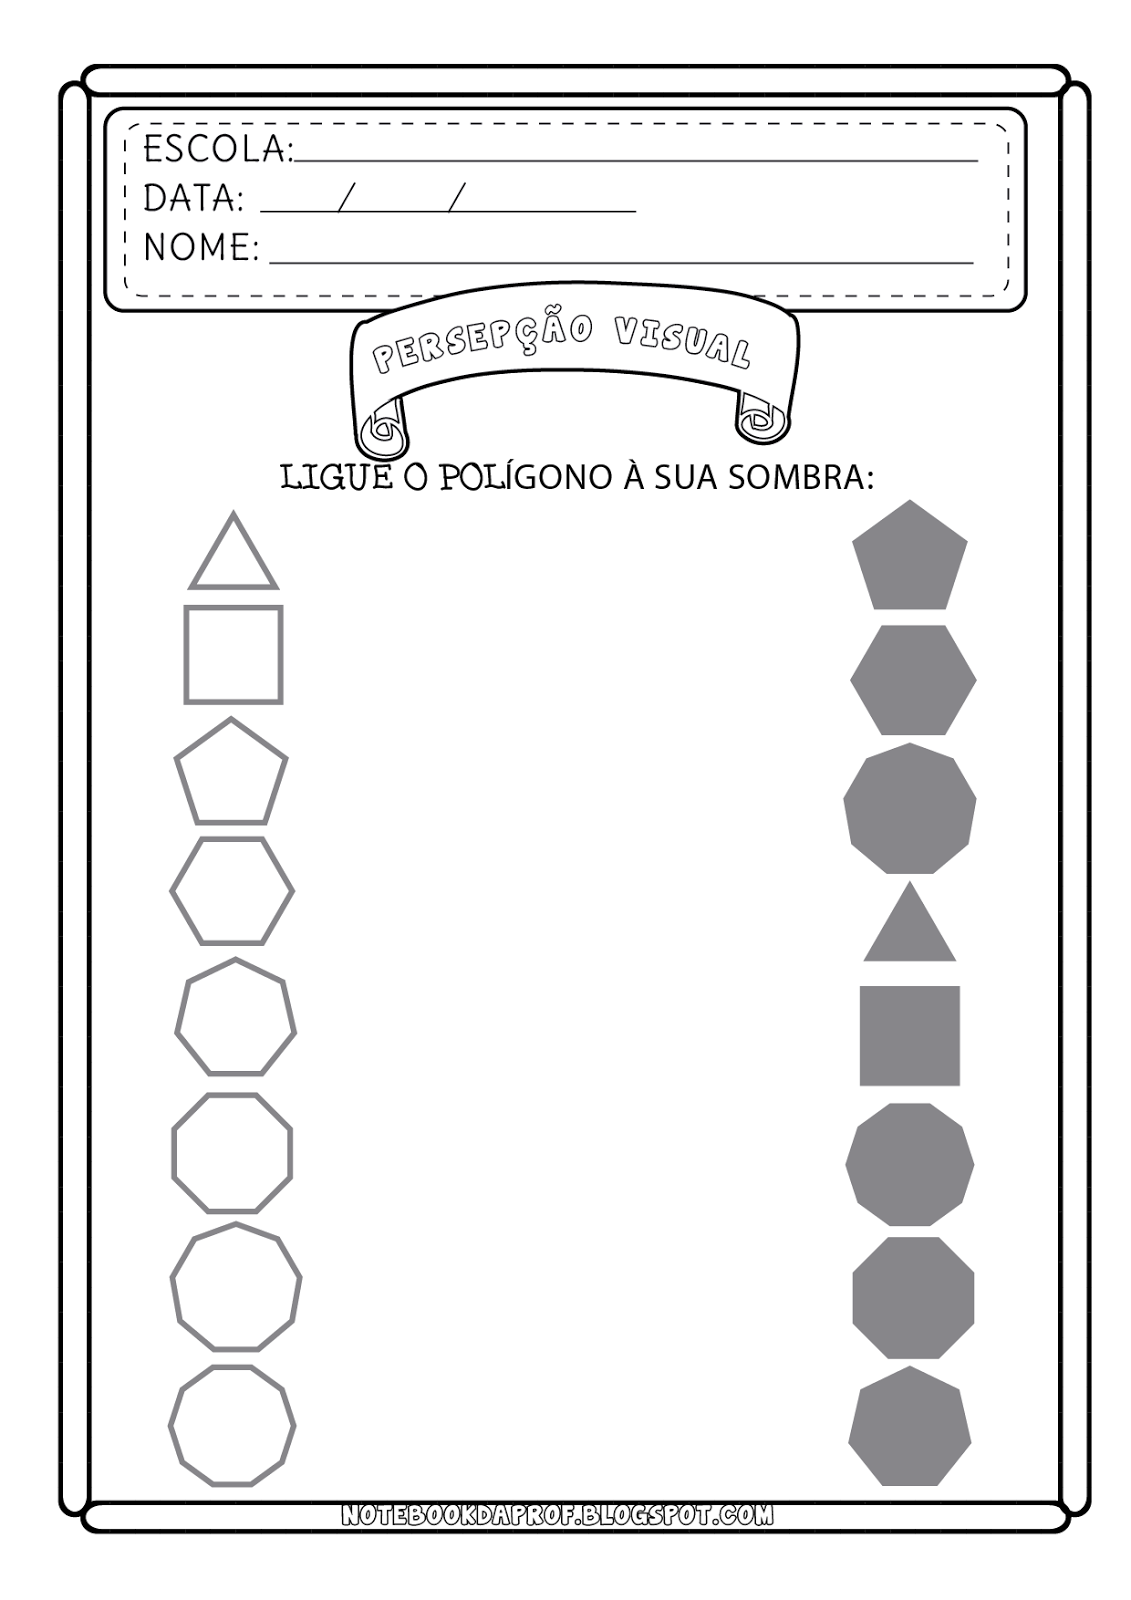 Fichas Percepcao Visual